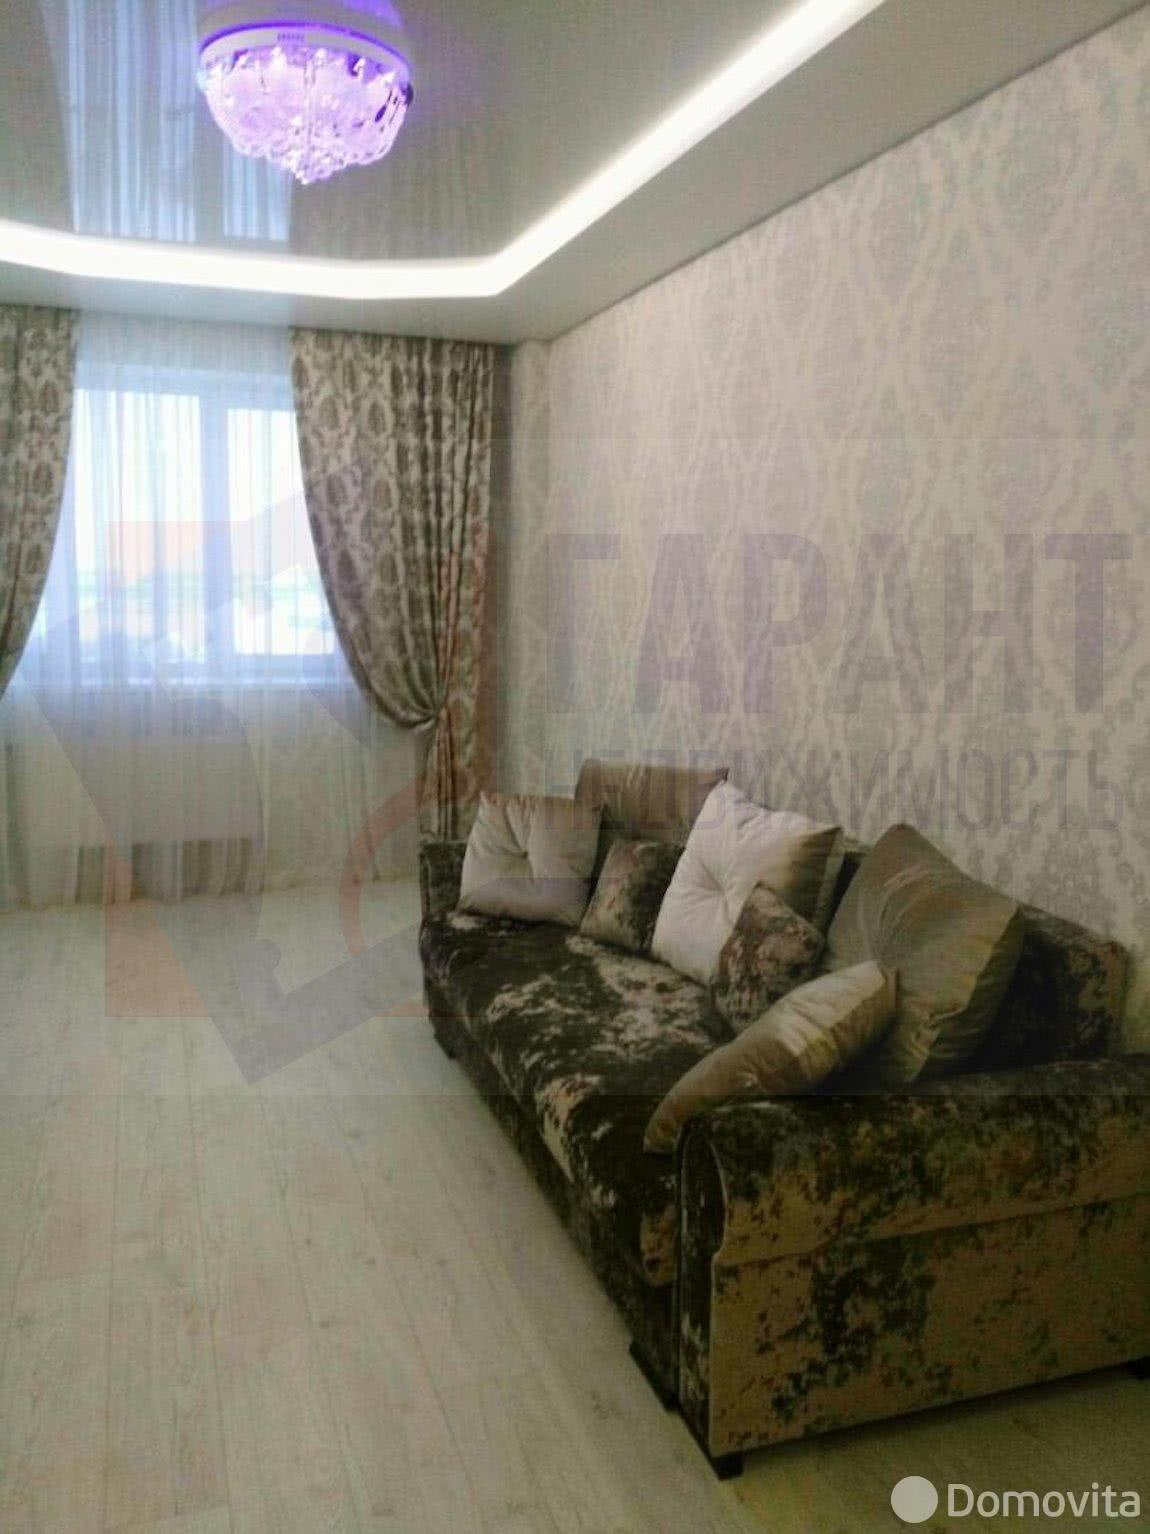 Аренда 1-комнатной квартиры в Минске, ул. Академика Карского, д. 27 - фото 6